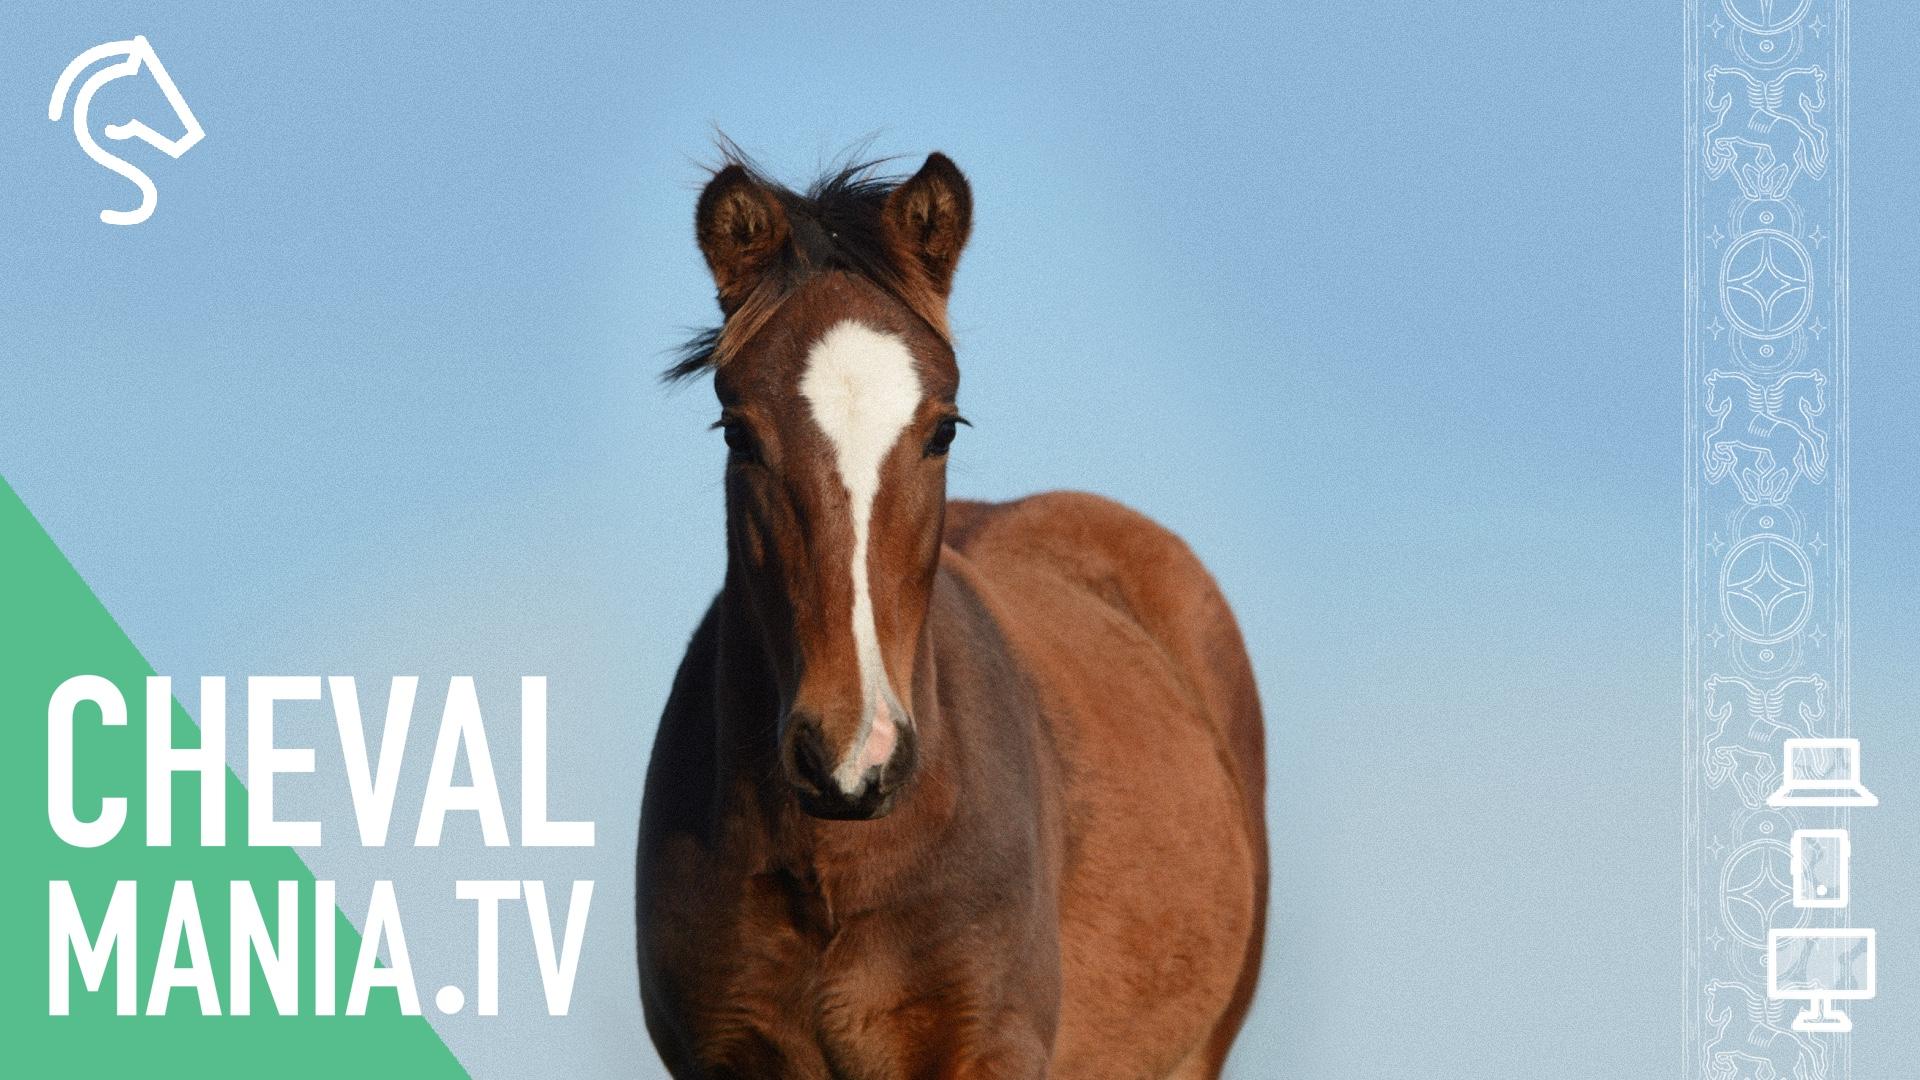 ChevalMania.tv, une nouvelle plateforme très engagée